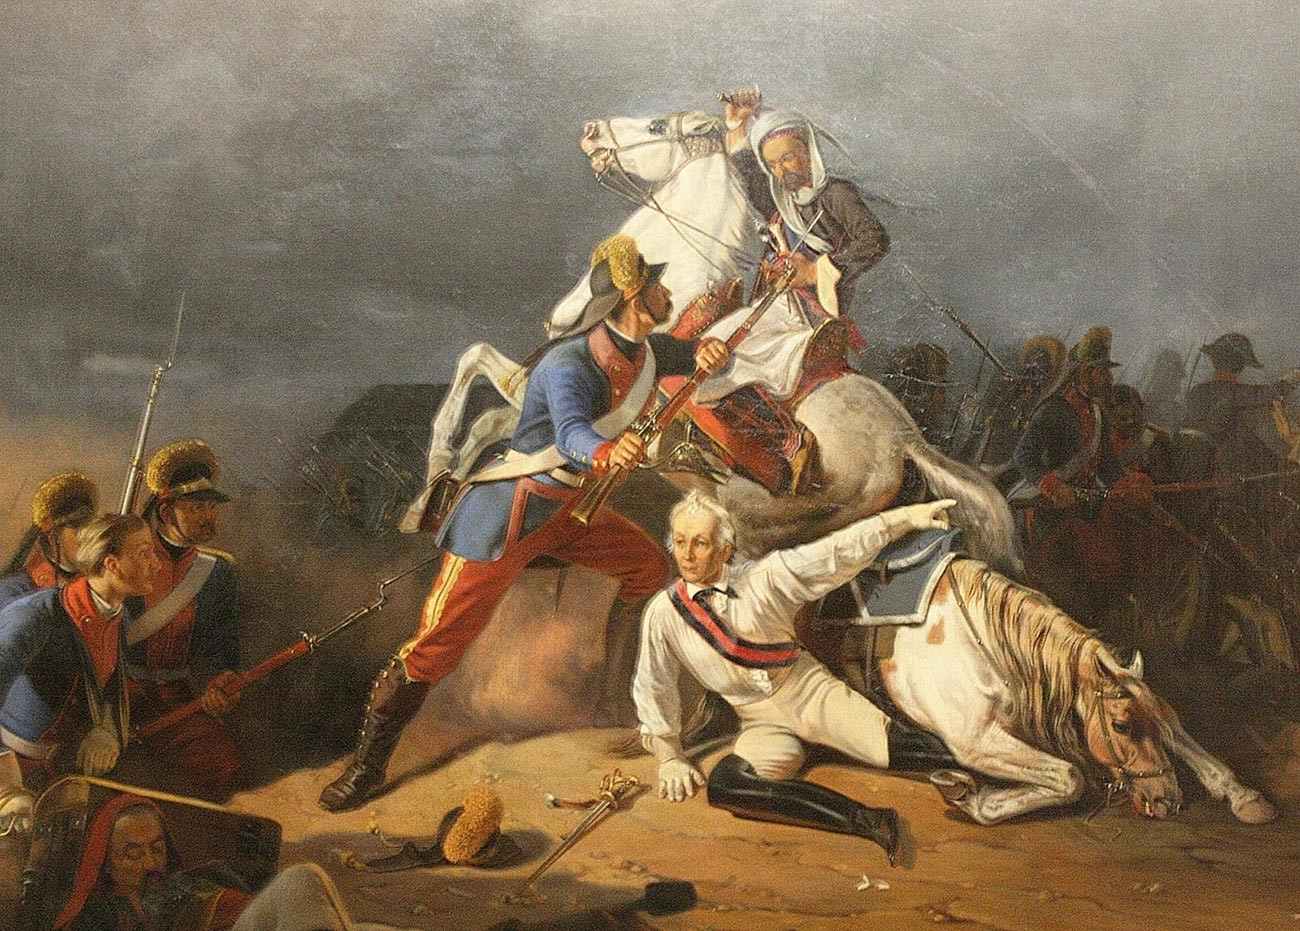 Grenadier Novikov rescues Suvorov in the battle on the Kinburn spit.